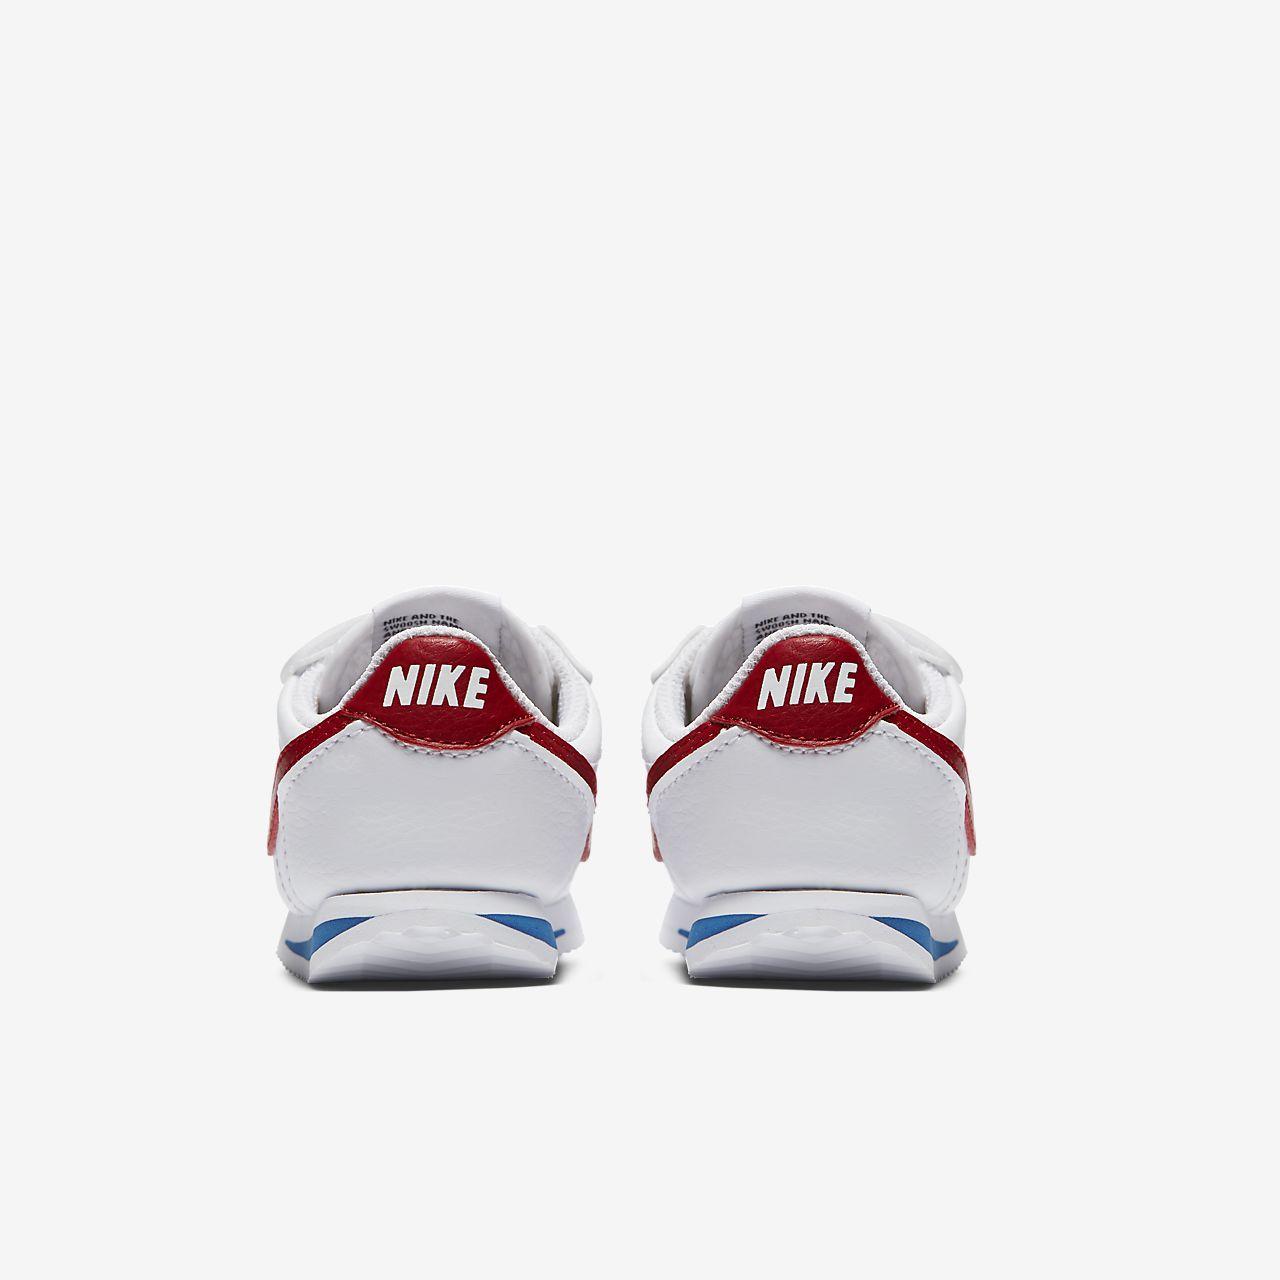 scarpe nike cortez neonato